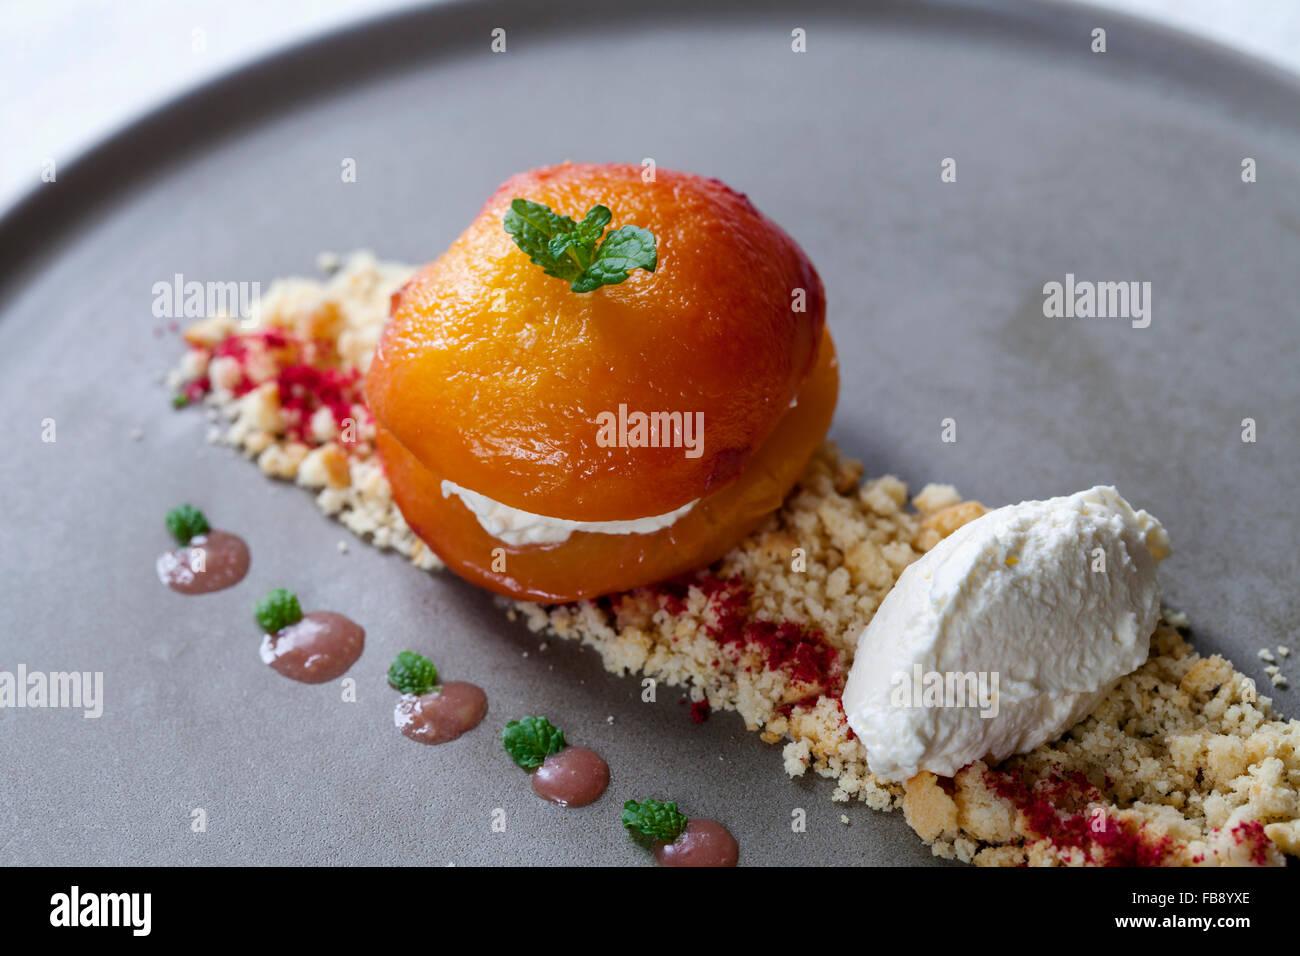 Pêche rôtie à la crème, poudre de framboise et biscuit émietté Photo Stock